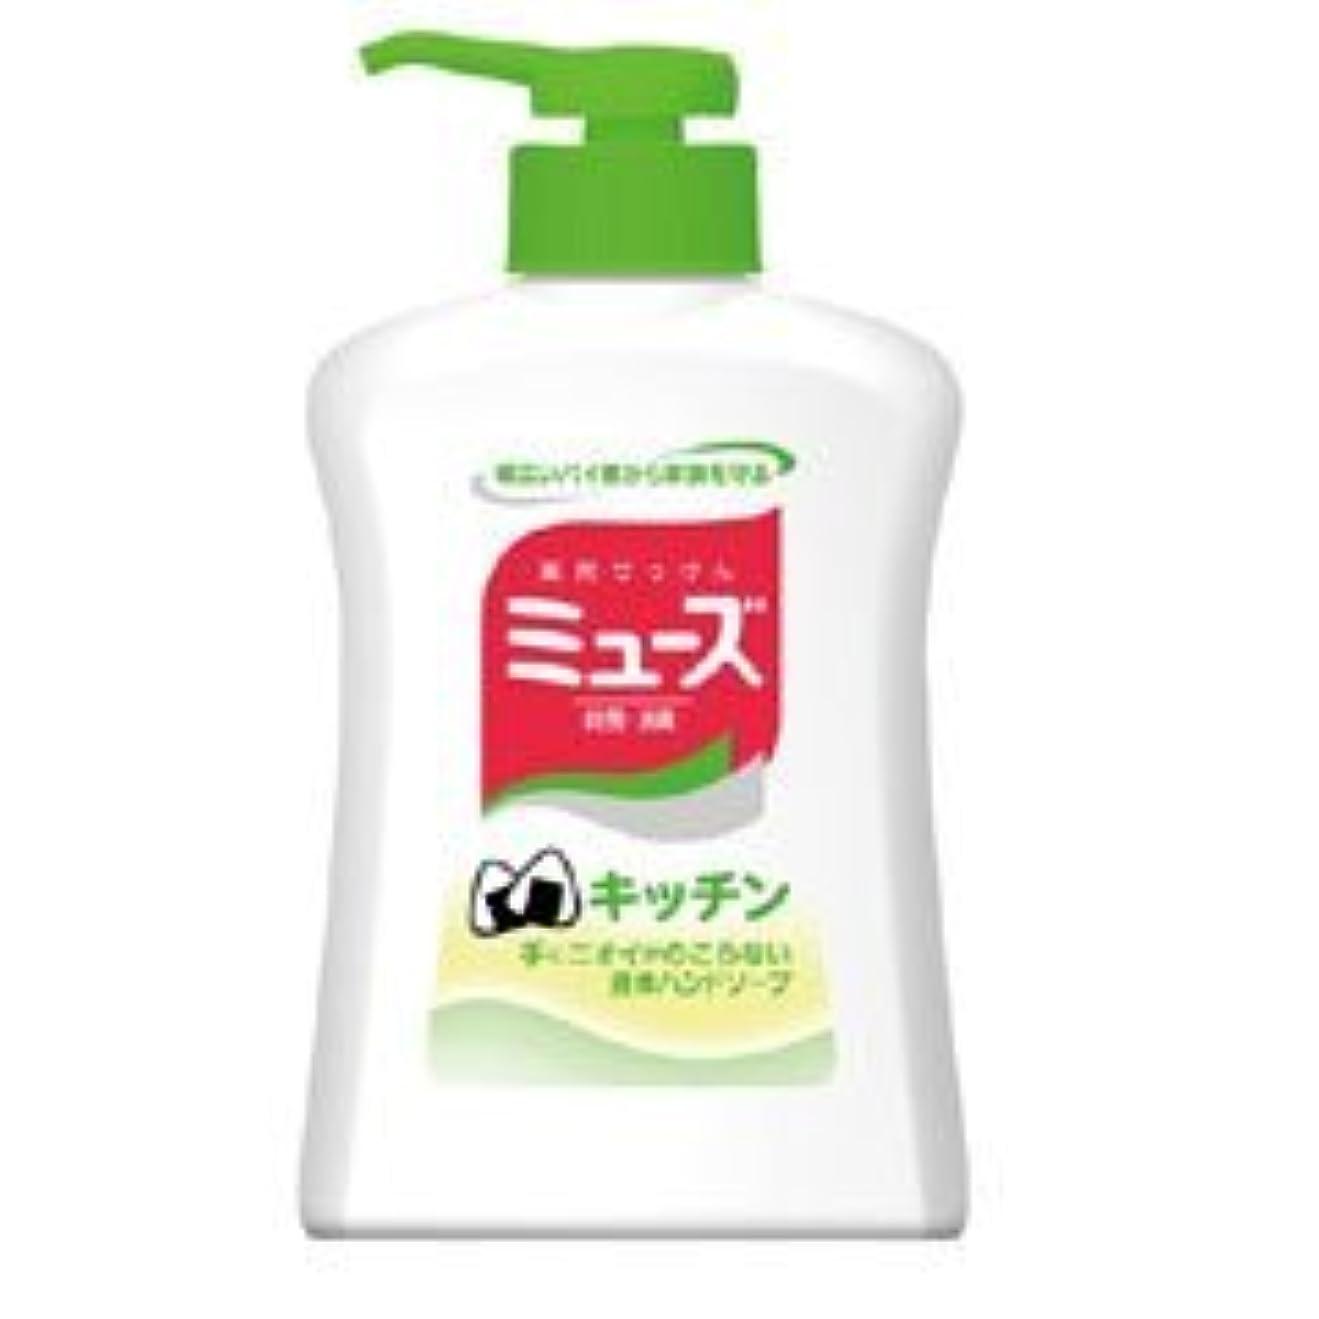 フックリボン第三【アース製薬】キッチンミューズ 本体 250ml